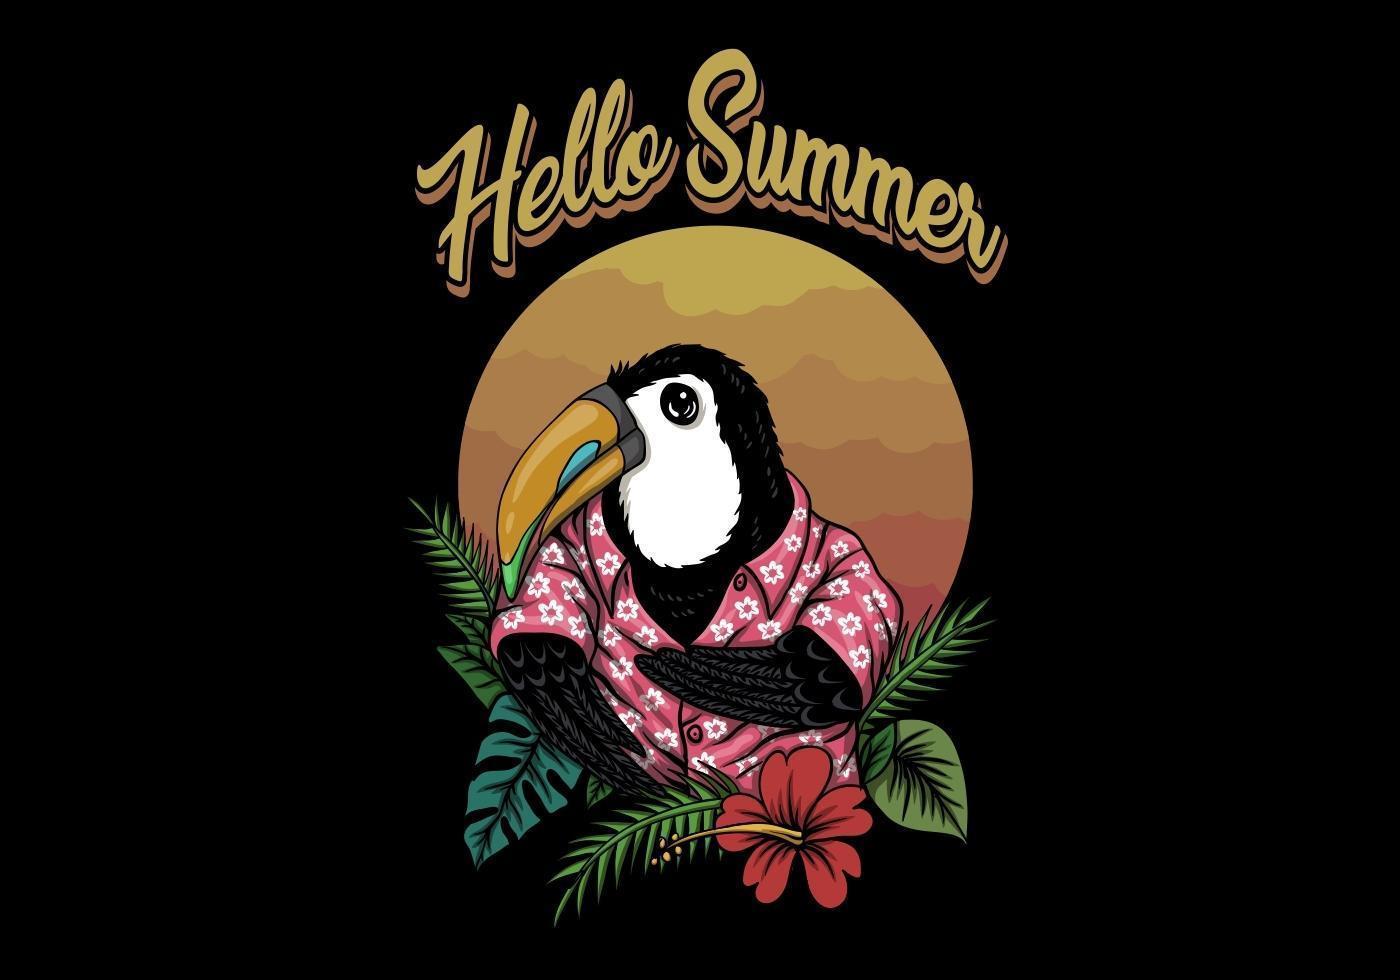 tucán pájaro hola verano vector